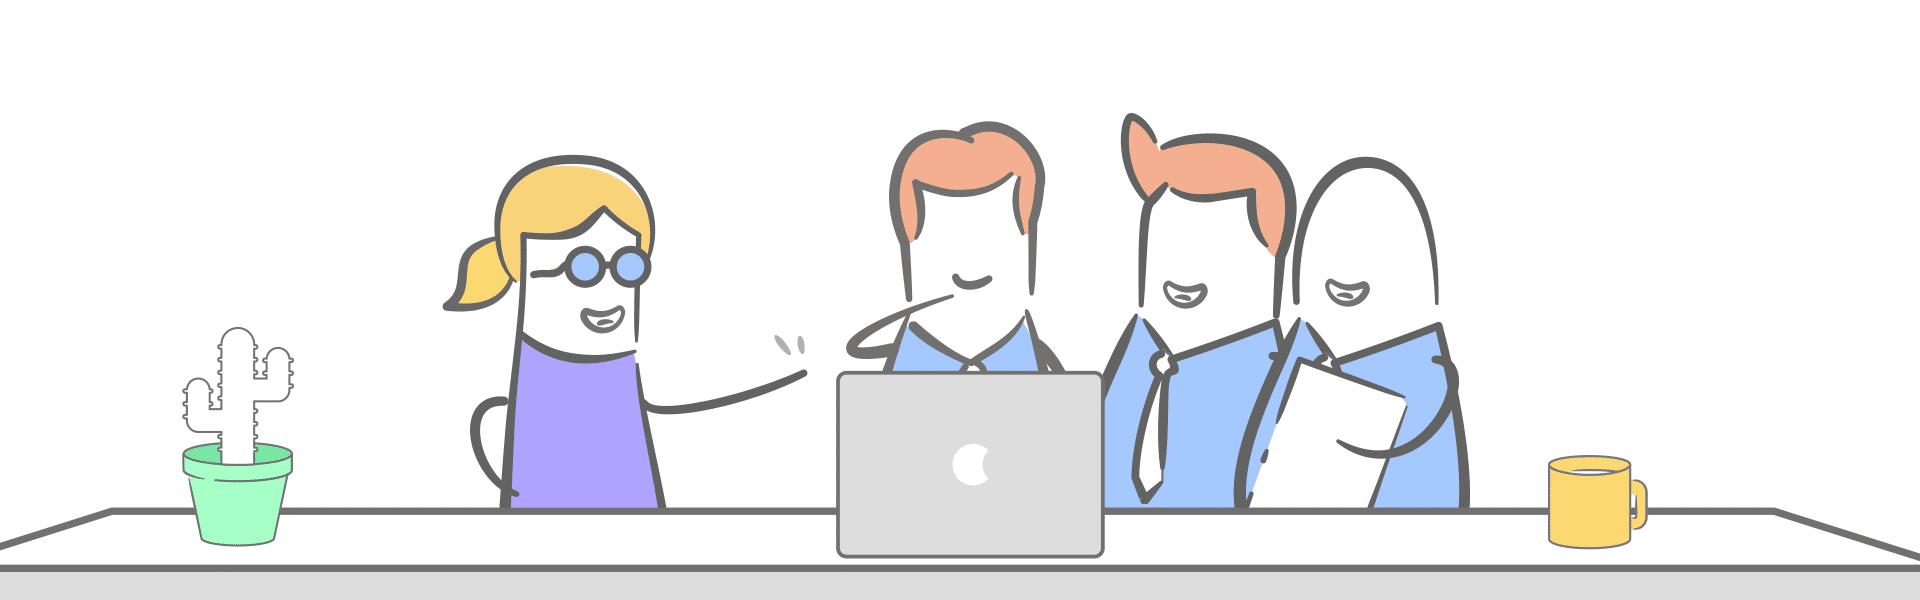 Illustration mit 4 Personen um Laptop